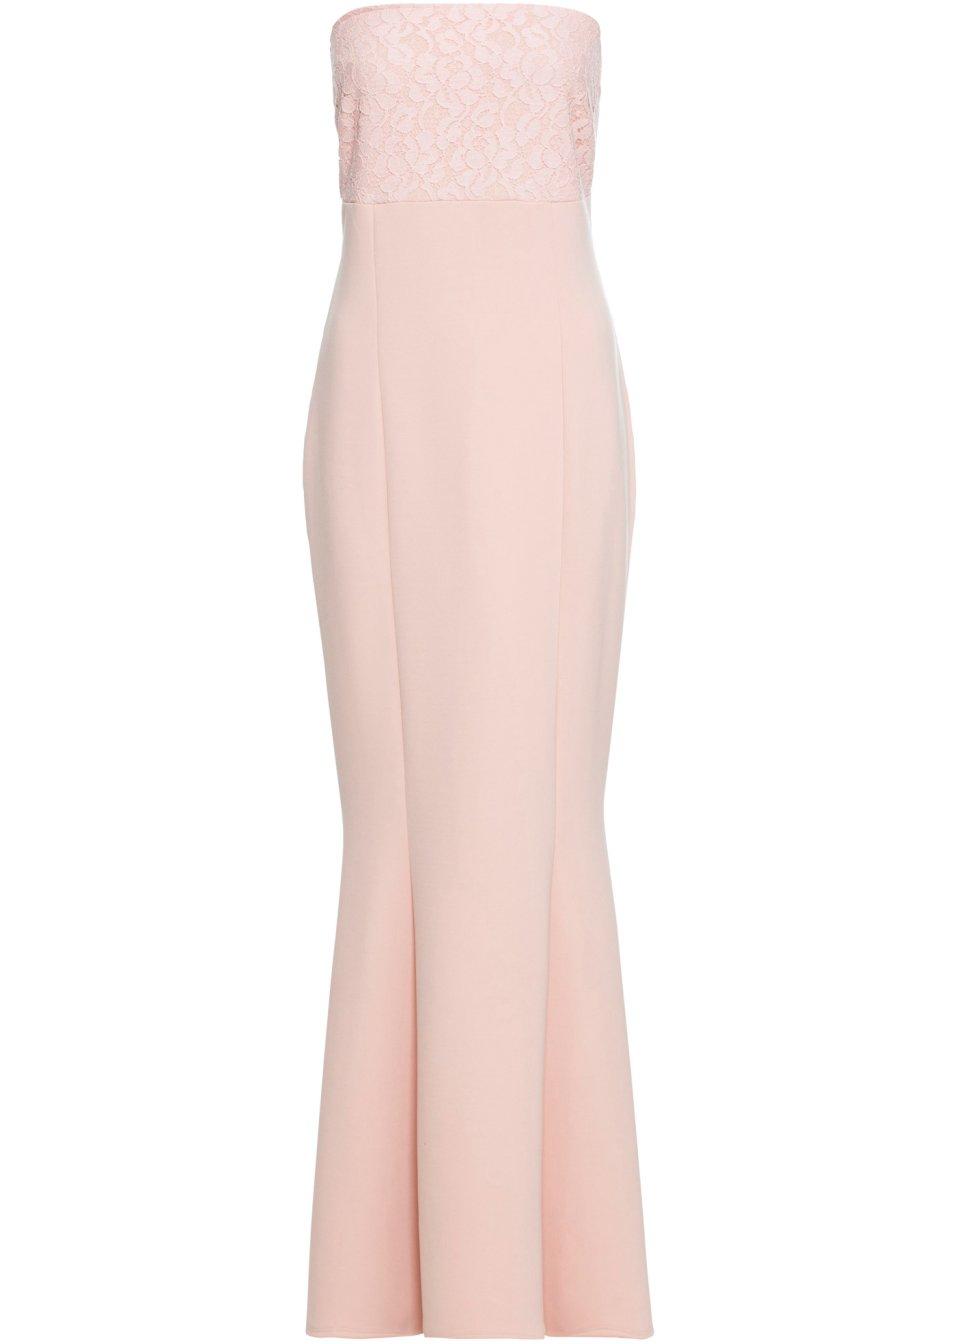 Abendkleid mit Spitzeneinsatz rosa - Damen - BODYFLIRT boutique - bonprix.de enw4p u9zAb